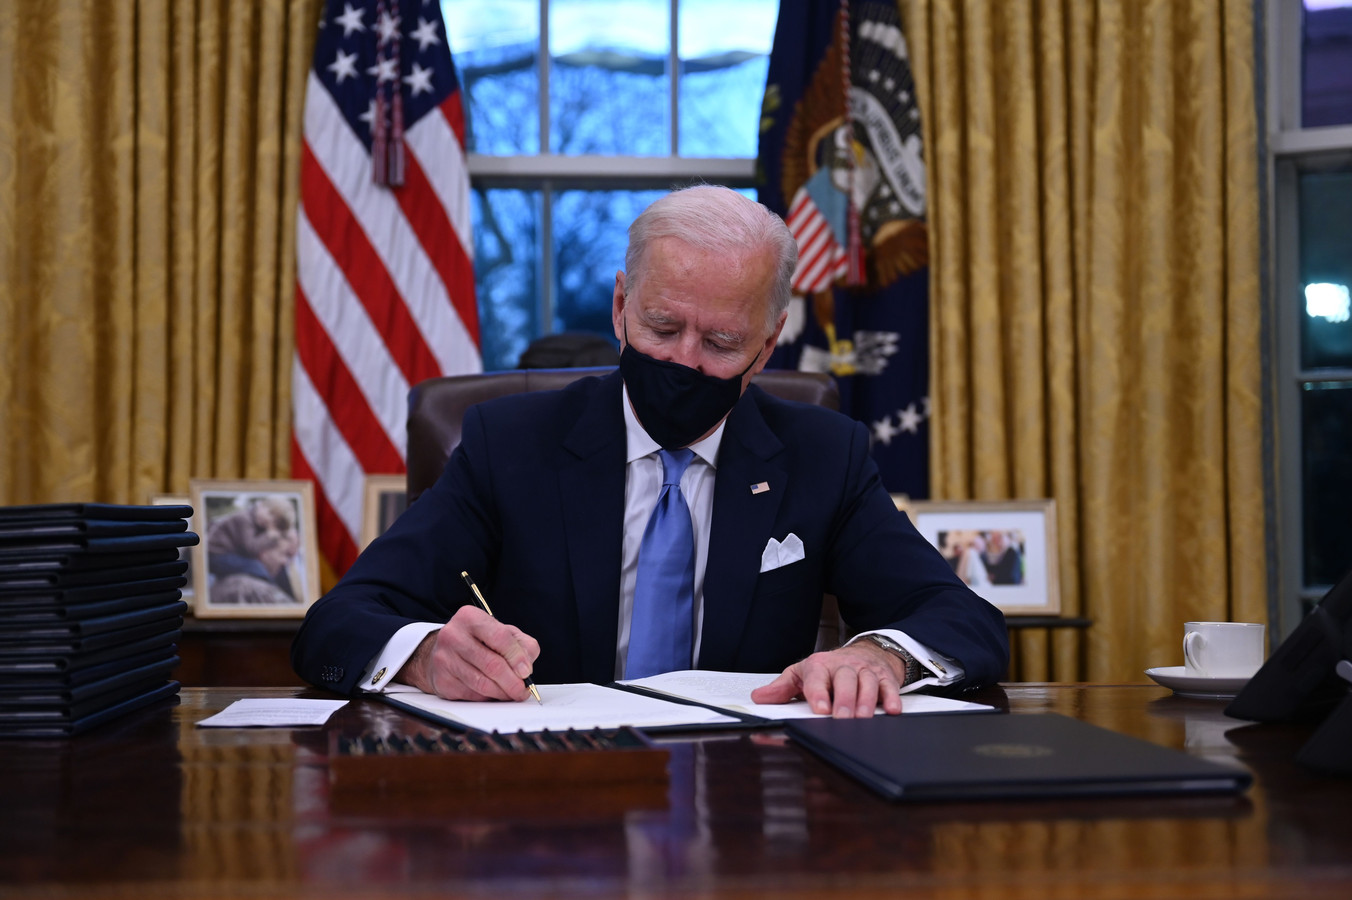 Joe Biden bij de ondertekening van het decreet dat de VS weer binnenloodst in het klimaatakkoord van Parijs